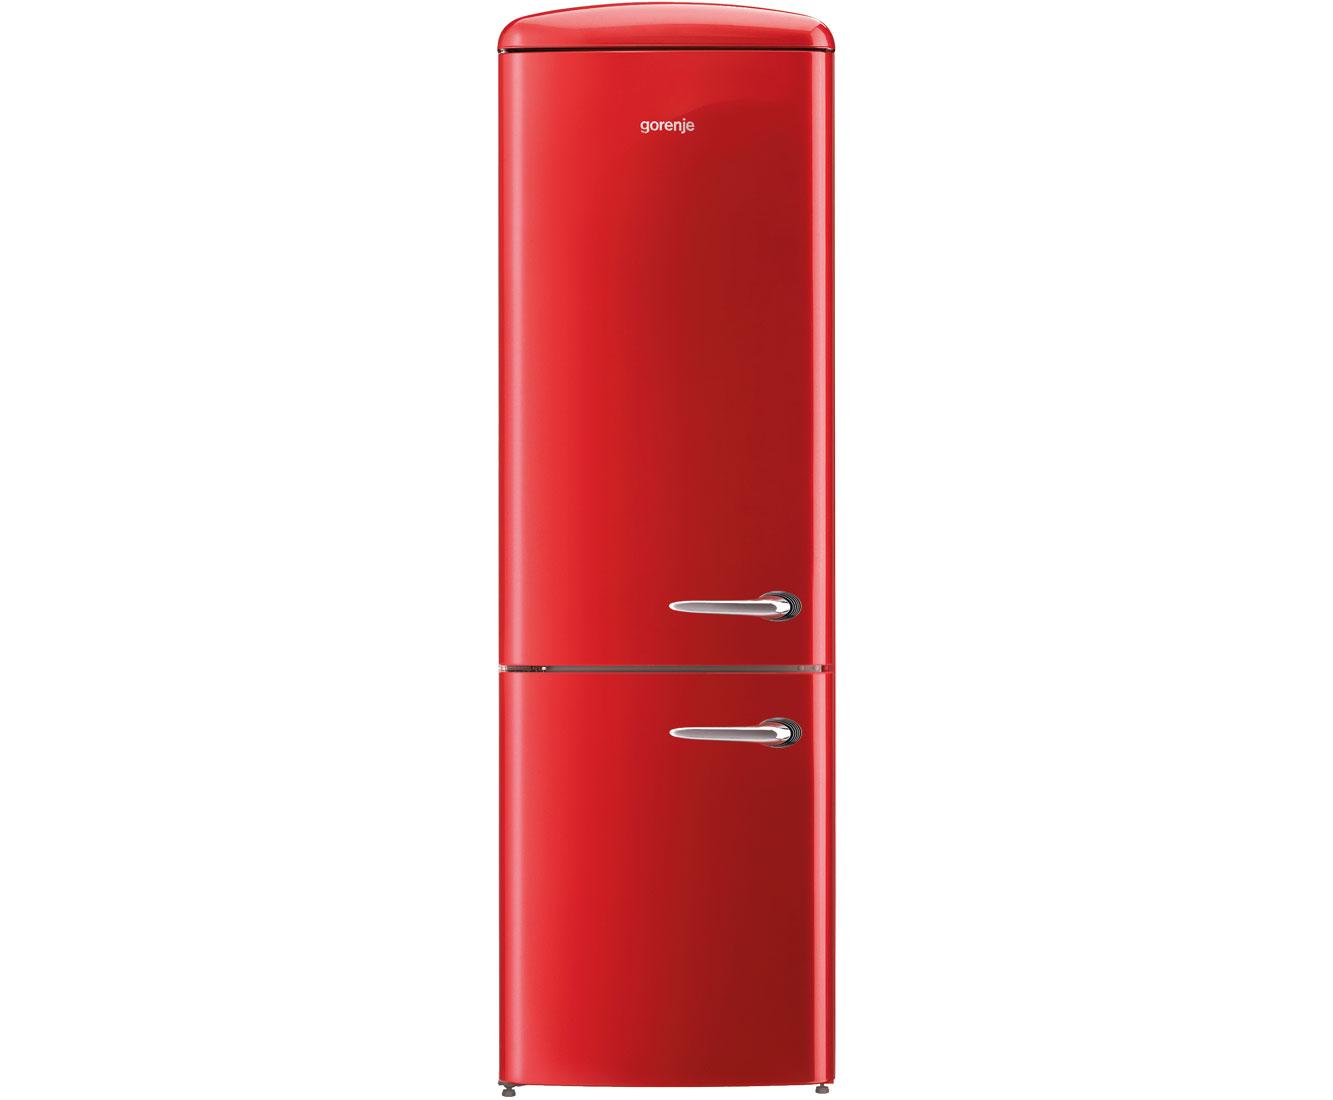 Aeg Kühlschrank Rtb91531aw : Rabatt preisvergleich.de haushalt u003e kühlschränke